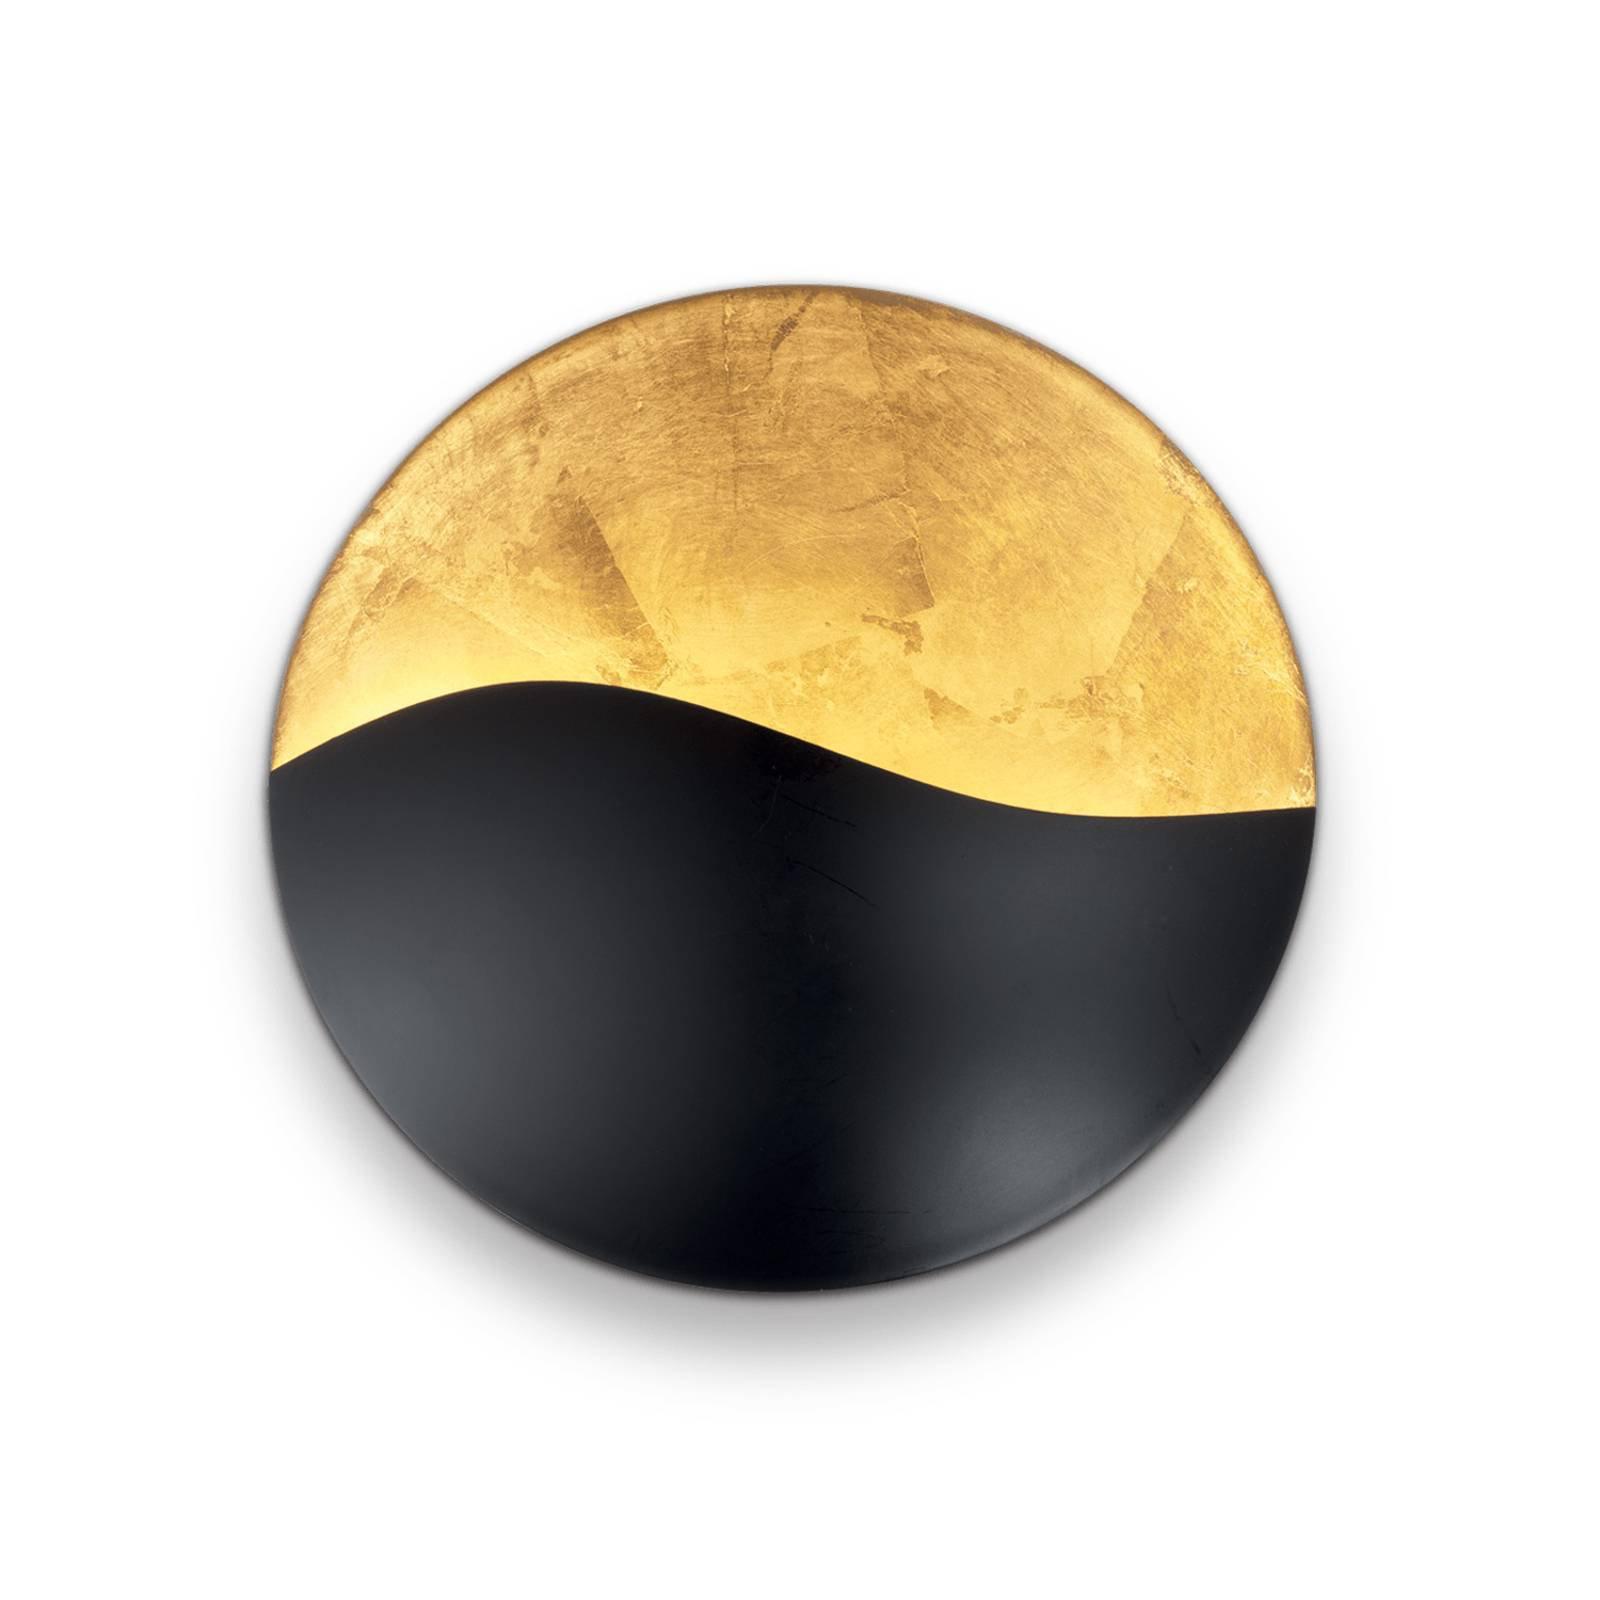 Vegglampe Sunrise G9, svart/gull, Ø 27,5 cm